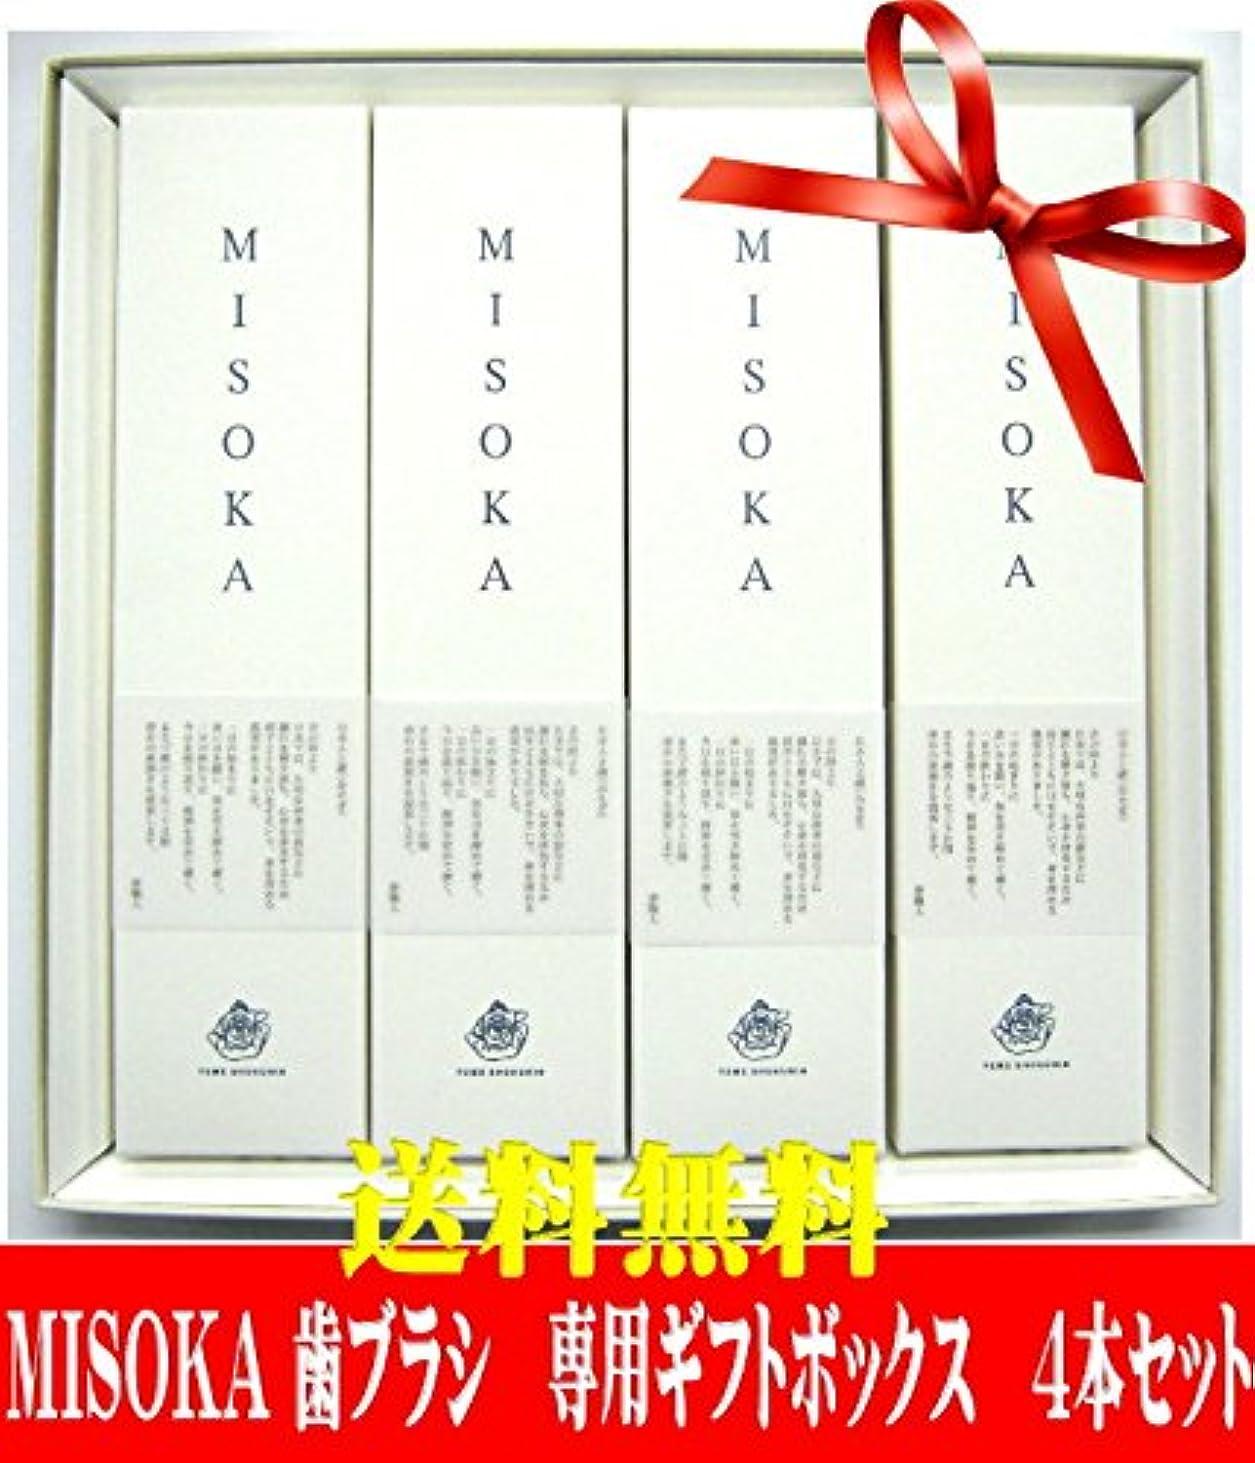 呼吸届けるスペイン語夢職人MISOKA(みそか)歯ブラシ4本ギフトセット